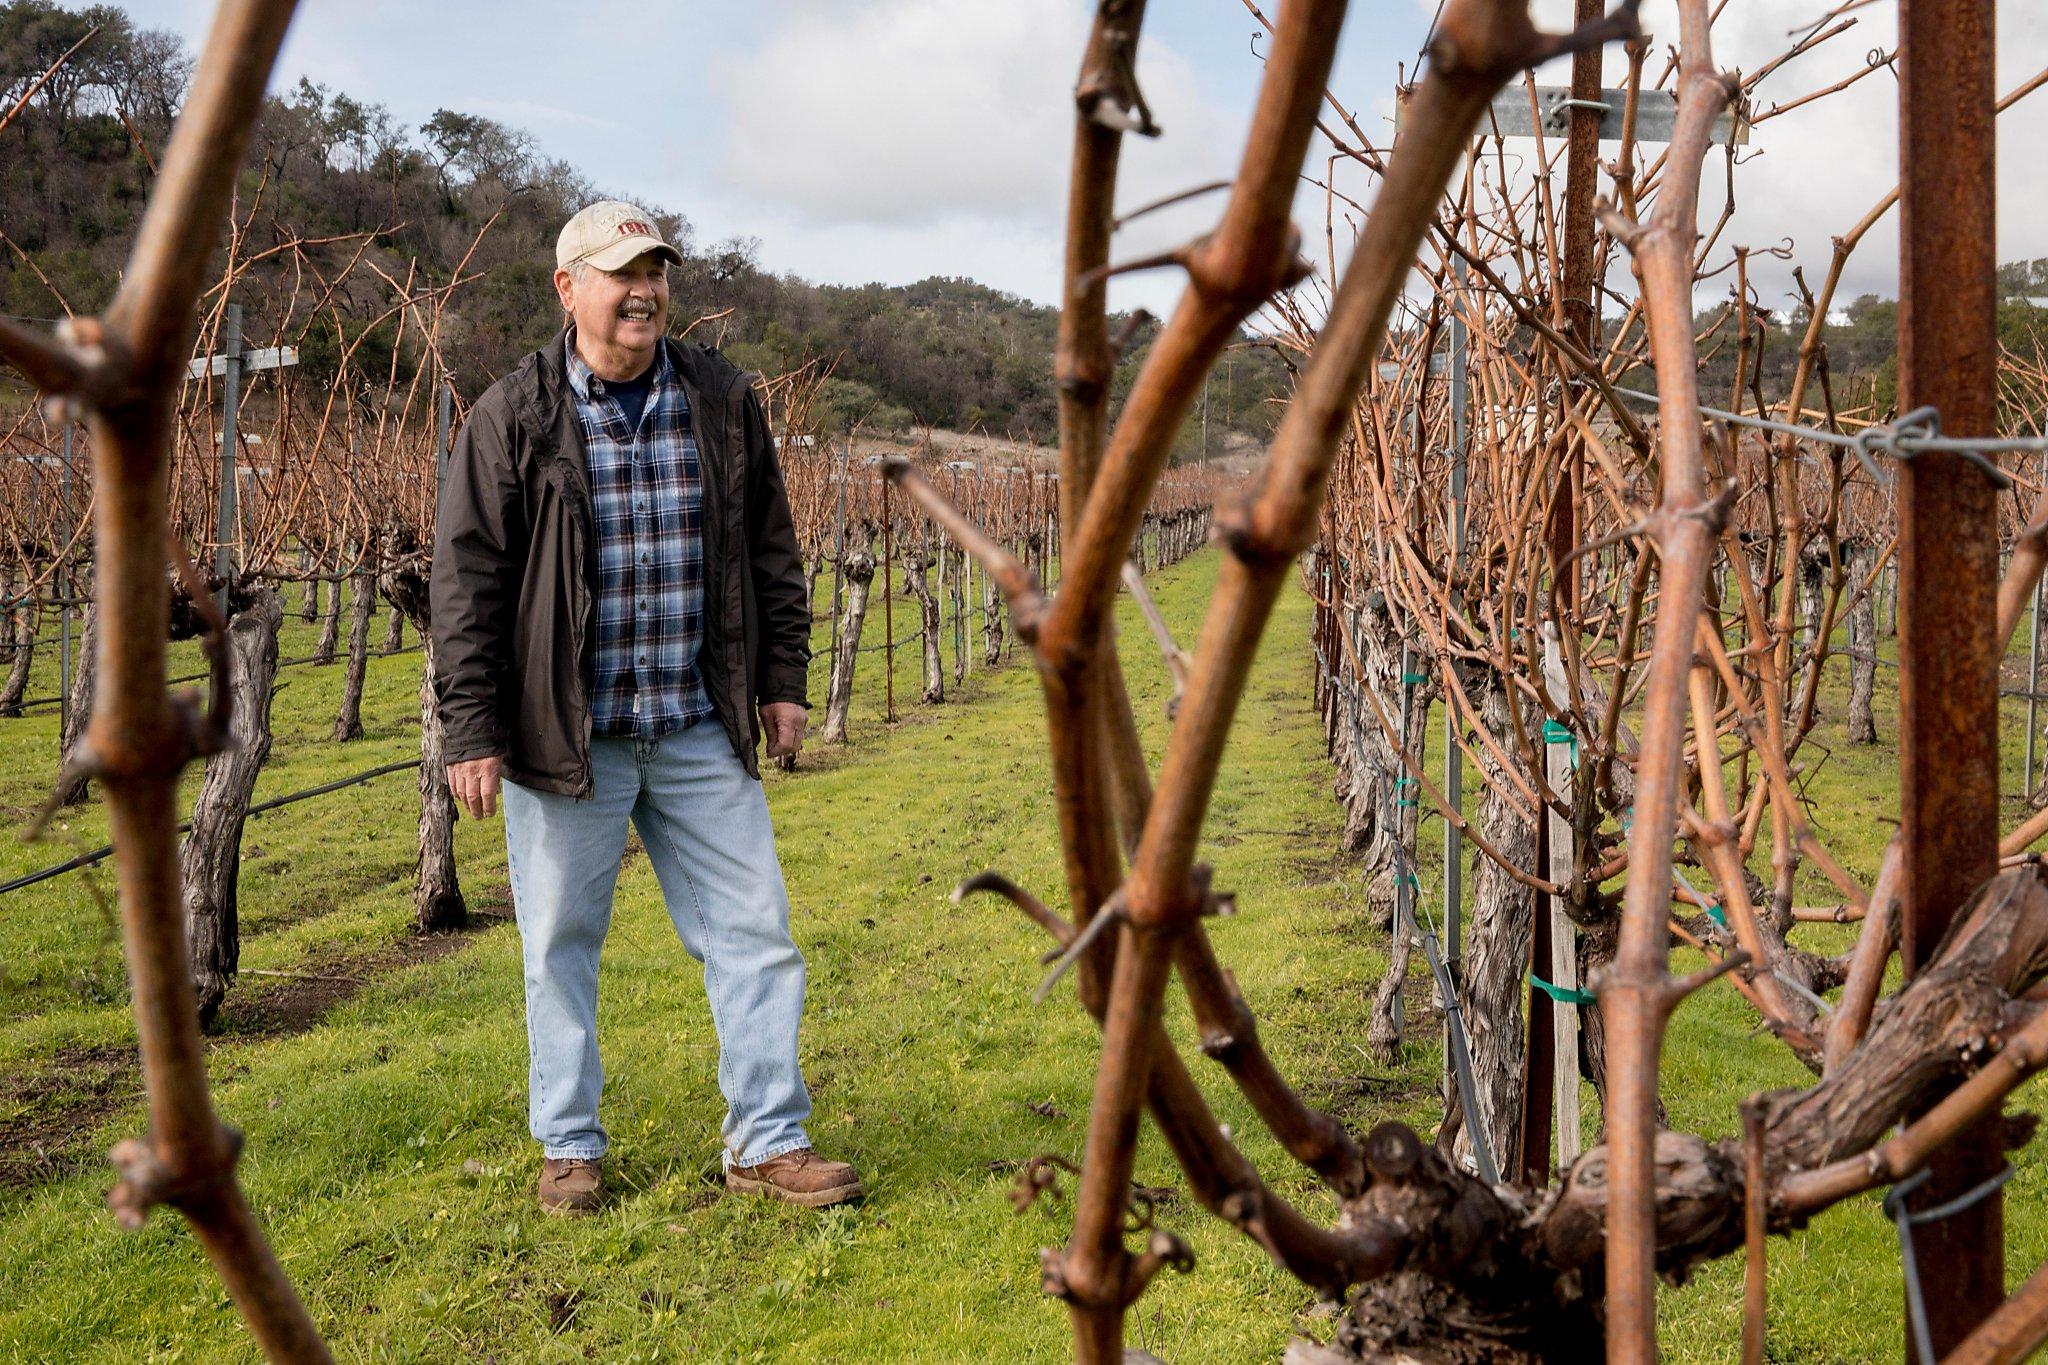 Vineyards versus vernal pools: On Napa's Atlas Peak, a neighbors' dispute turns ugly